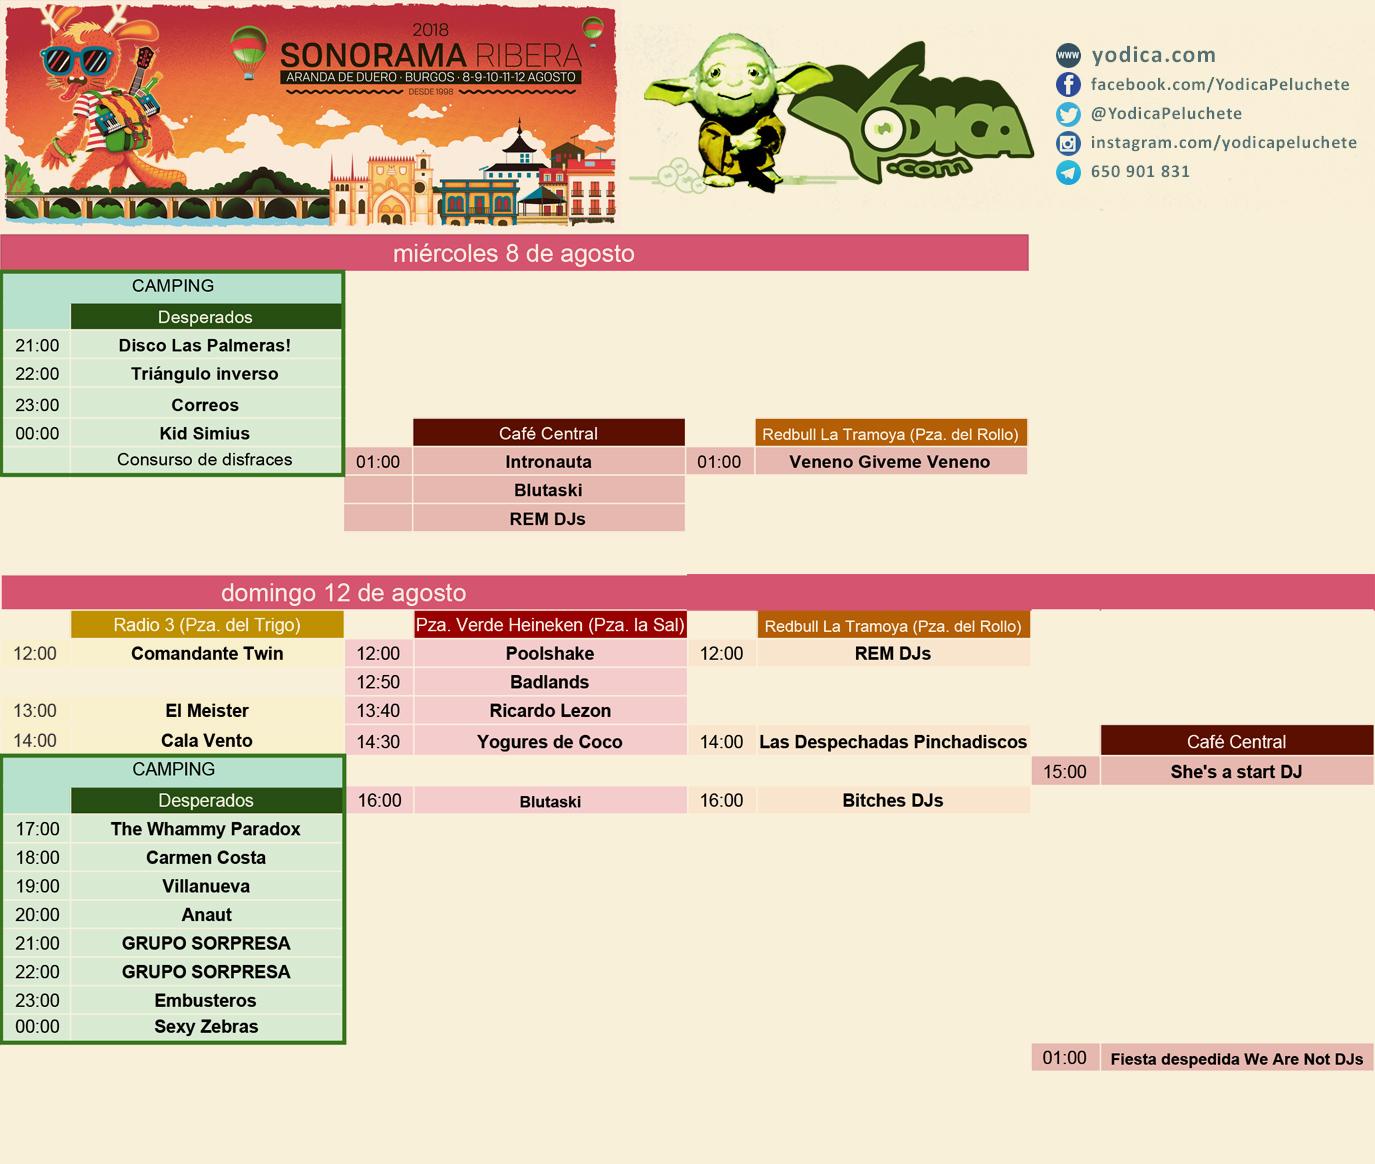 Horarios del Sonorama Ribera 2018 para el miércoles 8 y el domingo 12.